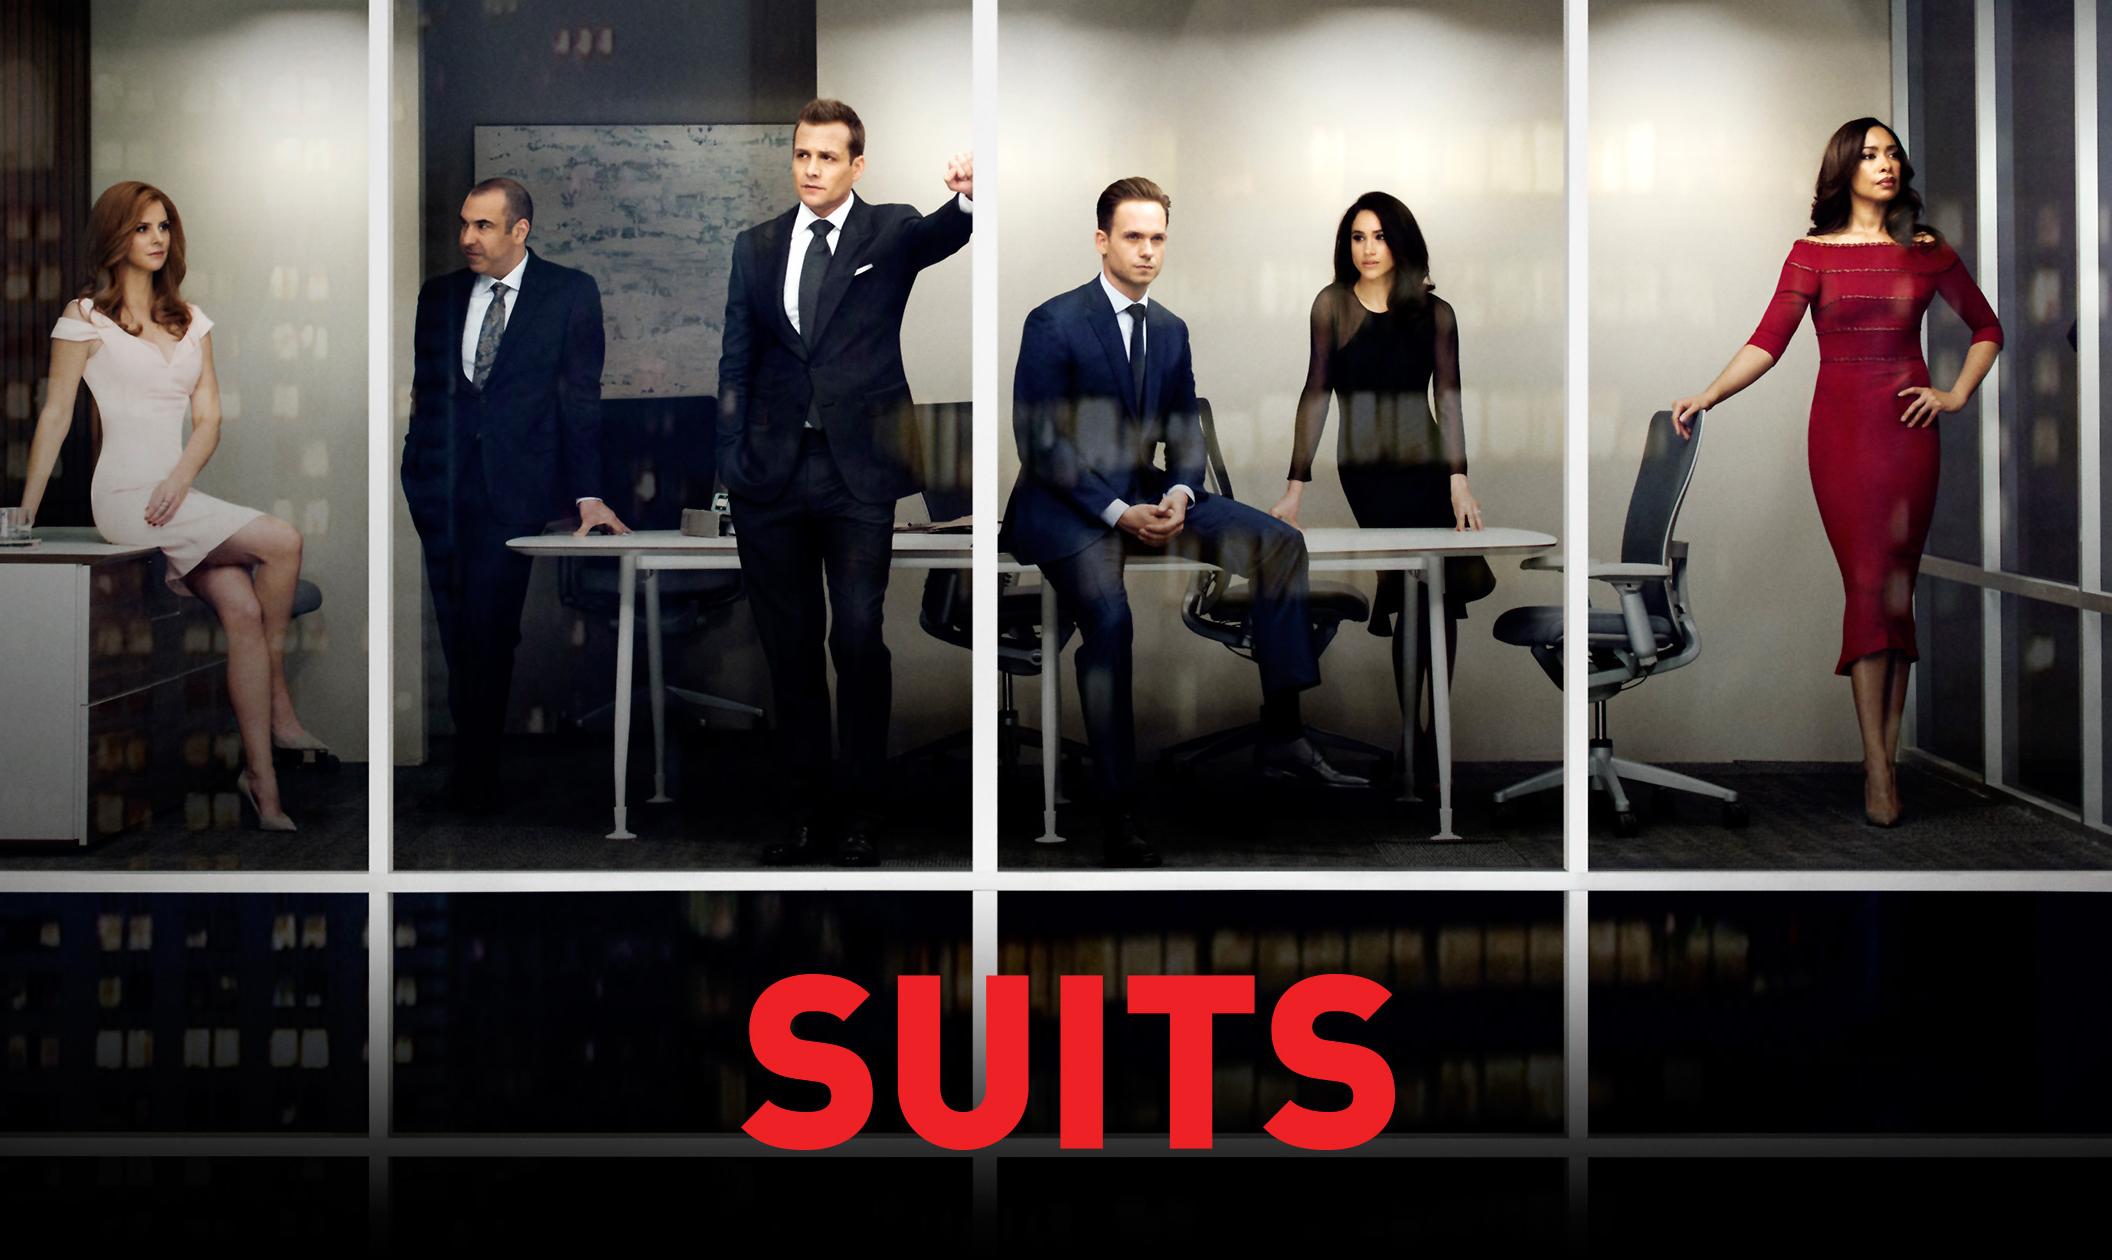 suits_castinfo_s5_2880x1260